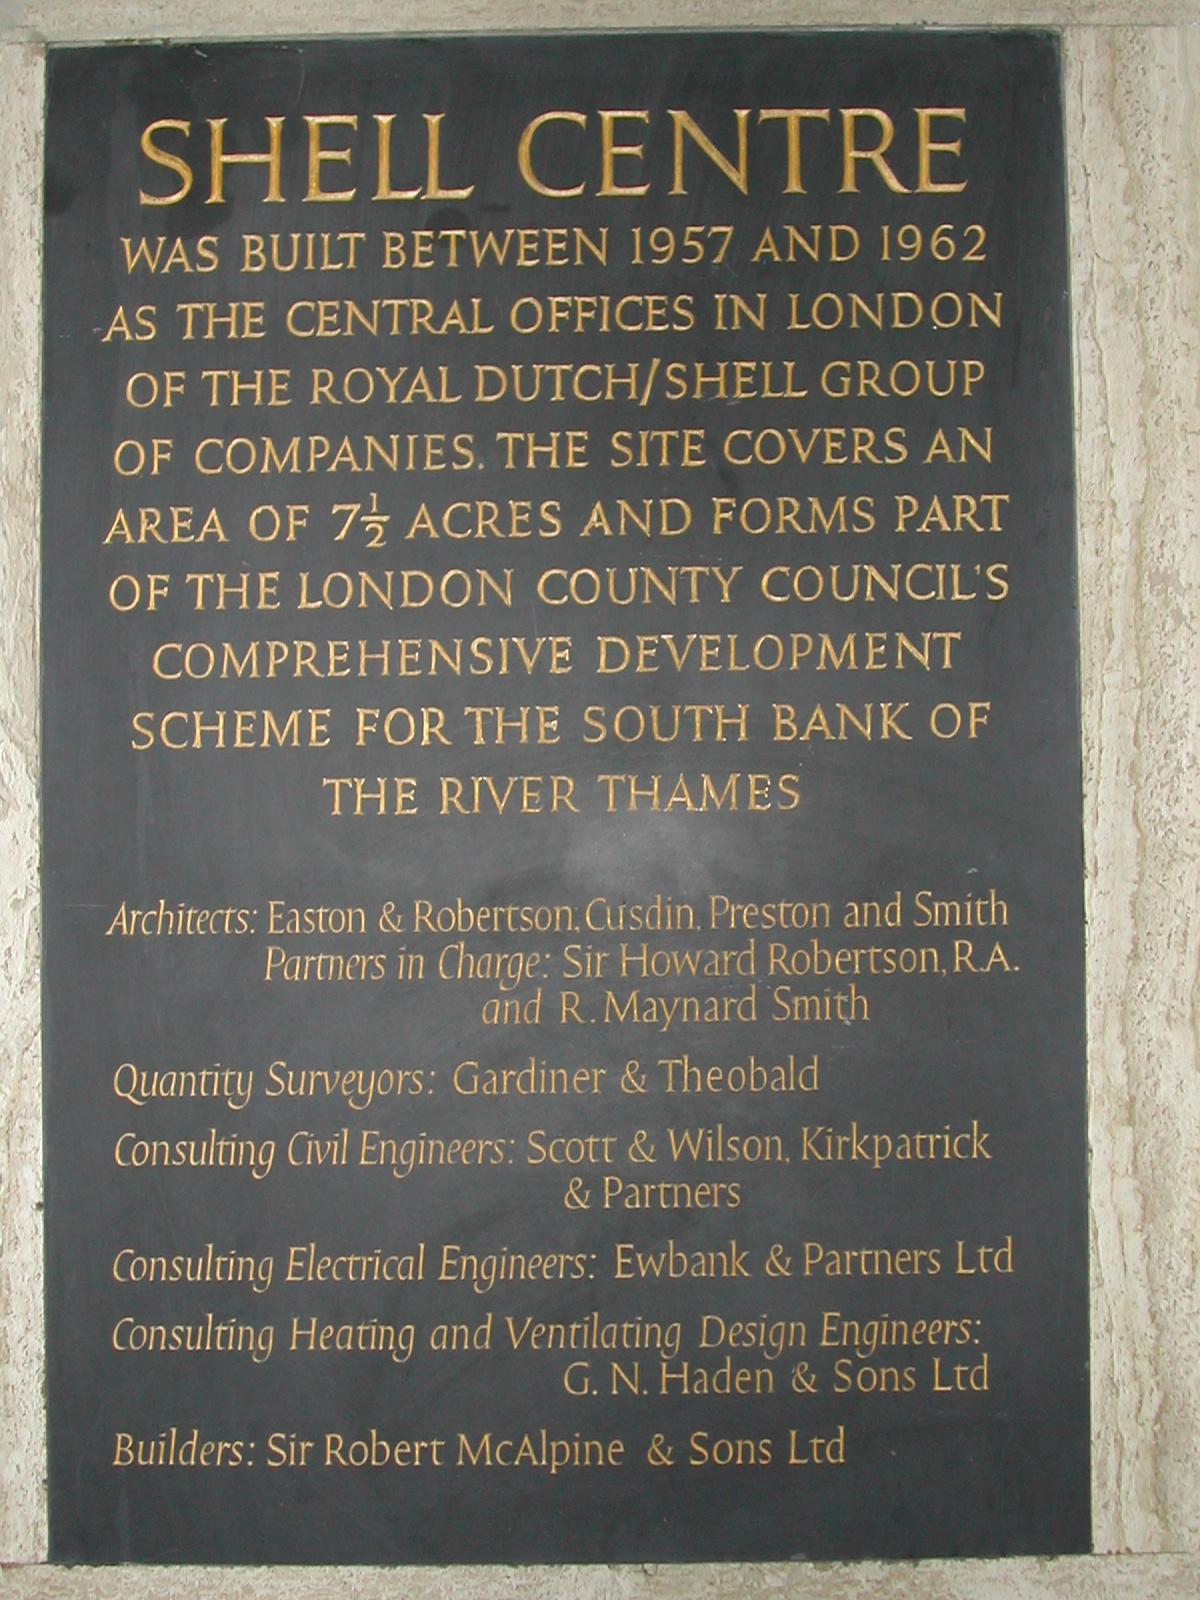 File:London-shell-centre-plaque JPG - Wikipedia